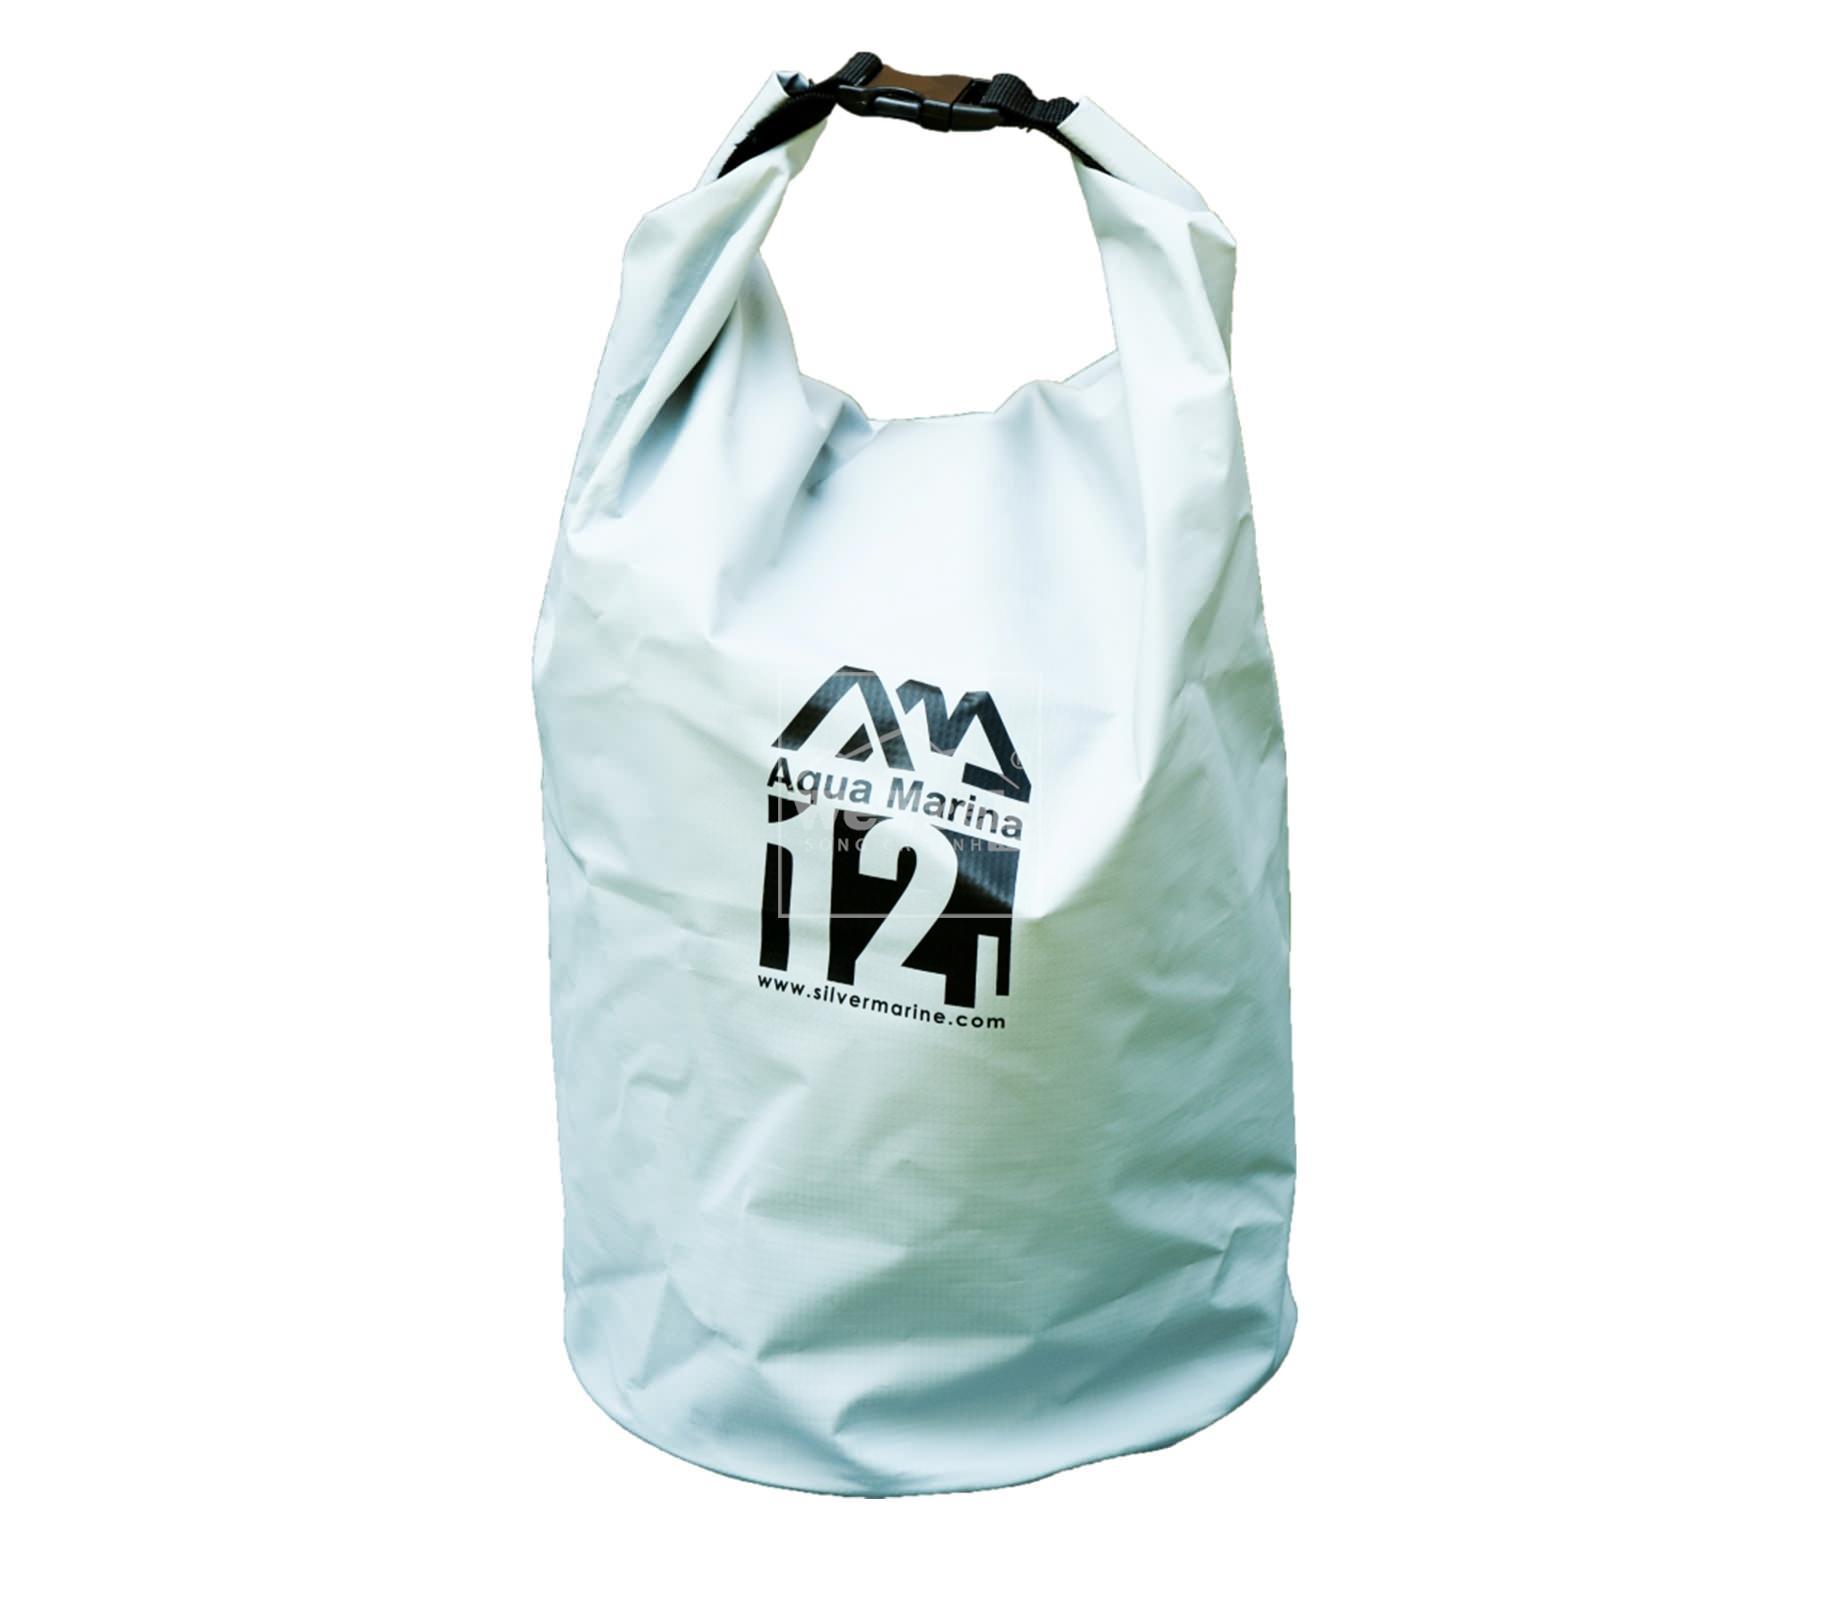 tui-kho-aqua-marina-super-easy-dry-bag-12l-wetrek.vn-1